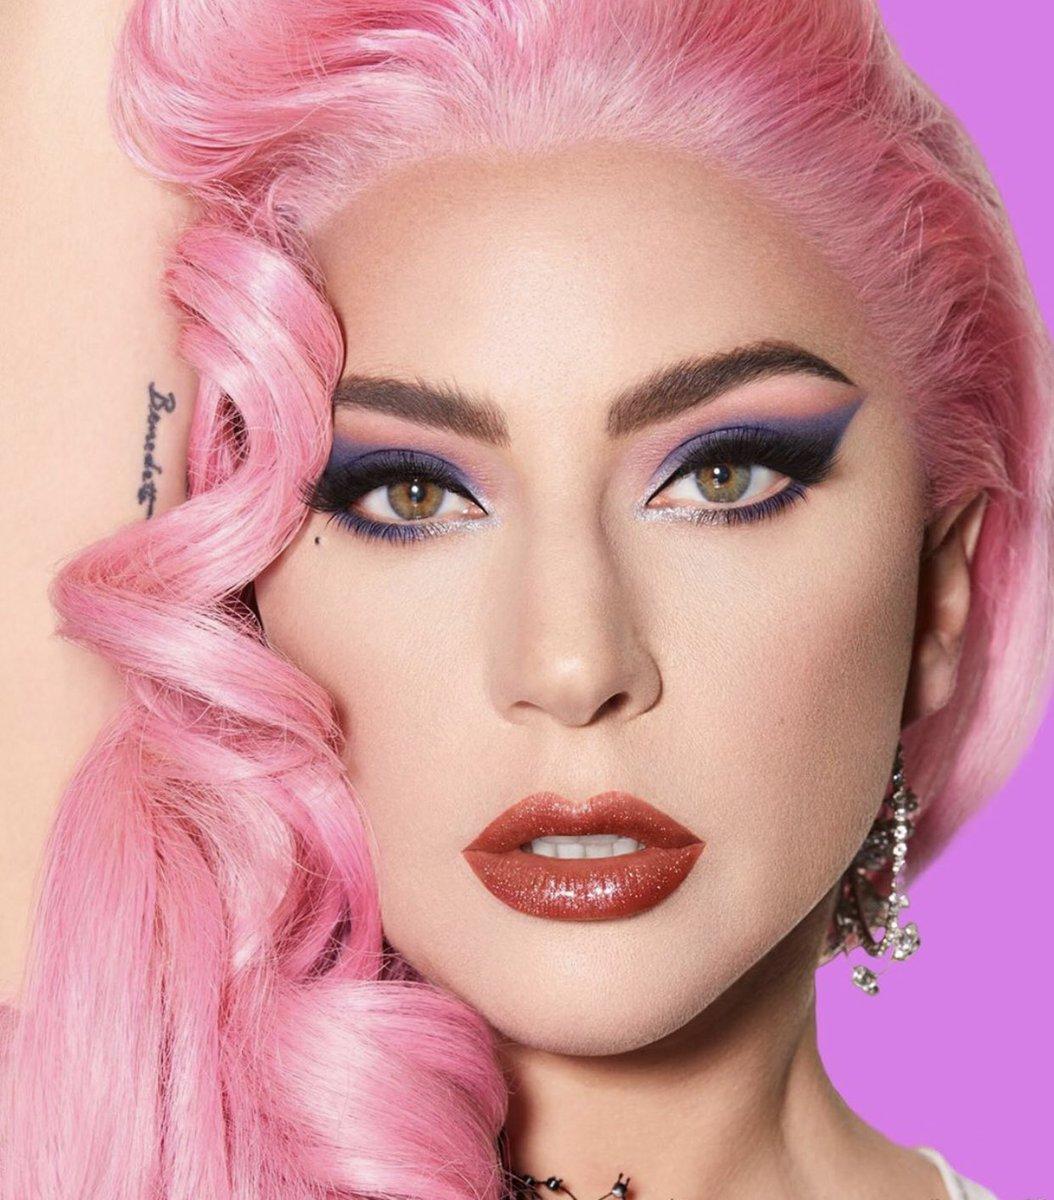 โถว่อีเน็ตไอดอลกะเทยปลายแถว ที่ดังจากดารนอนกับถังขยะ แก้ผ้าที่สนามบิน ประกาศตัวเองไปทั่วว่าเป็นซุปตาร์ ช่างกล้าเปรียบเทียบ โคปเป็น Lady Gaga ยังมาว่าเพลงเขาแบบนั้นแบบนี้ เลิกคิดว่าตัวเองเฟียสเถอะค่ะ อะไรที่มันดูปลอมคนเค้าดูออกค่ะ #ตูนหิ้วหวี https://t.co/osOwKWLiAd